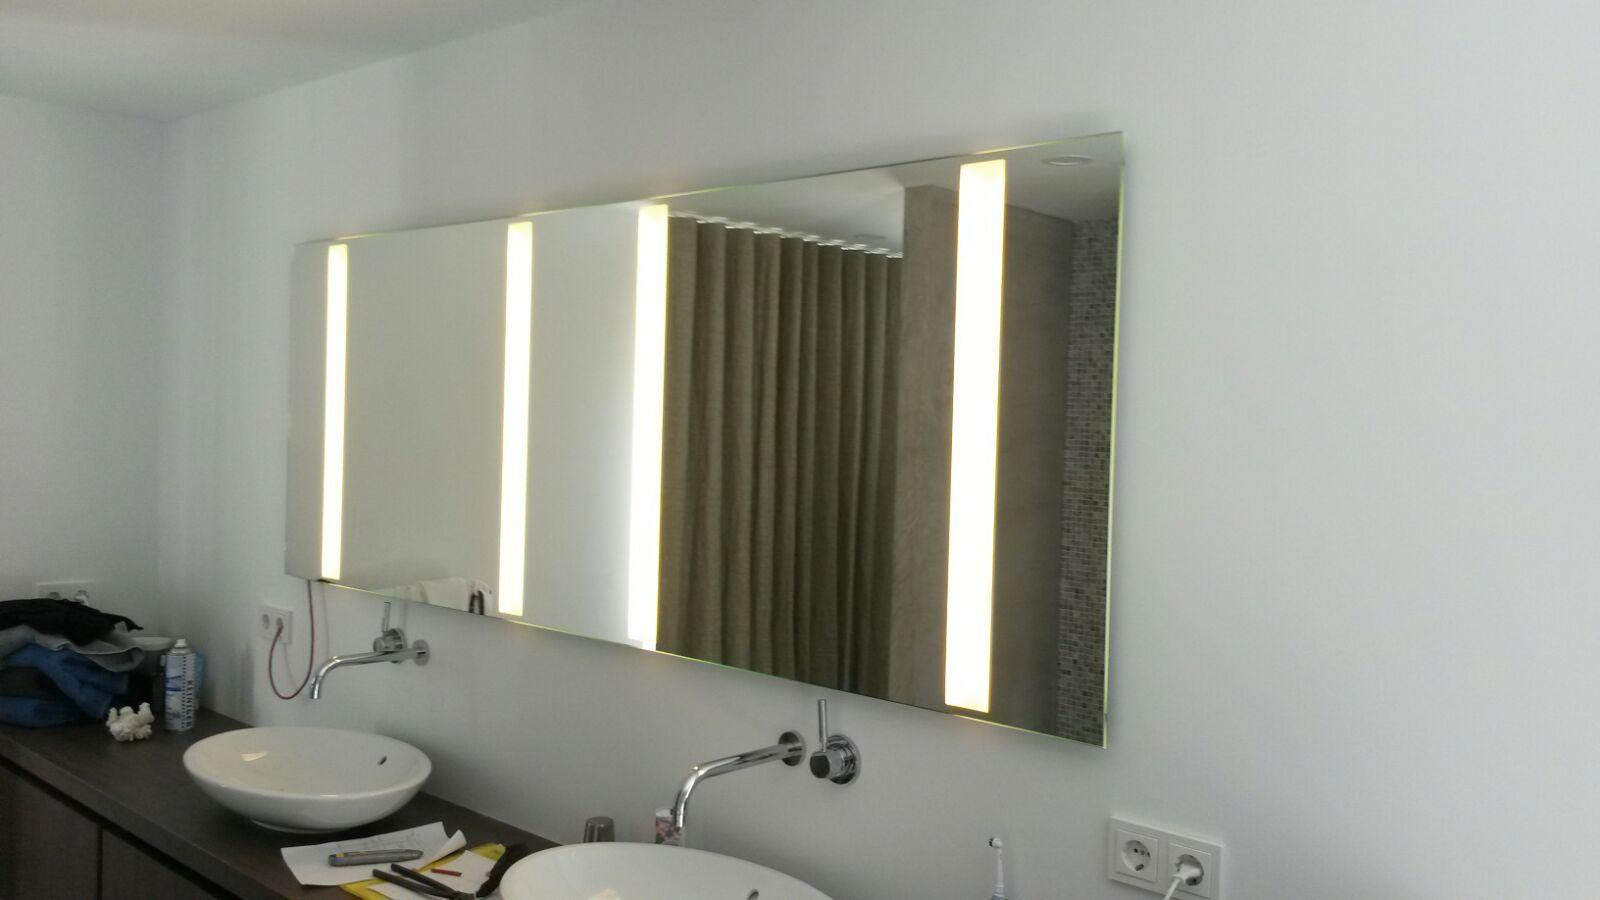 Spiegels Op Maat : Spiegels op maat gemaakt jongbloed zn tilburg